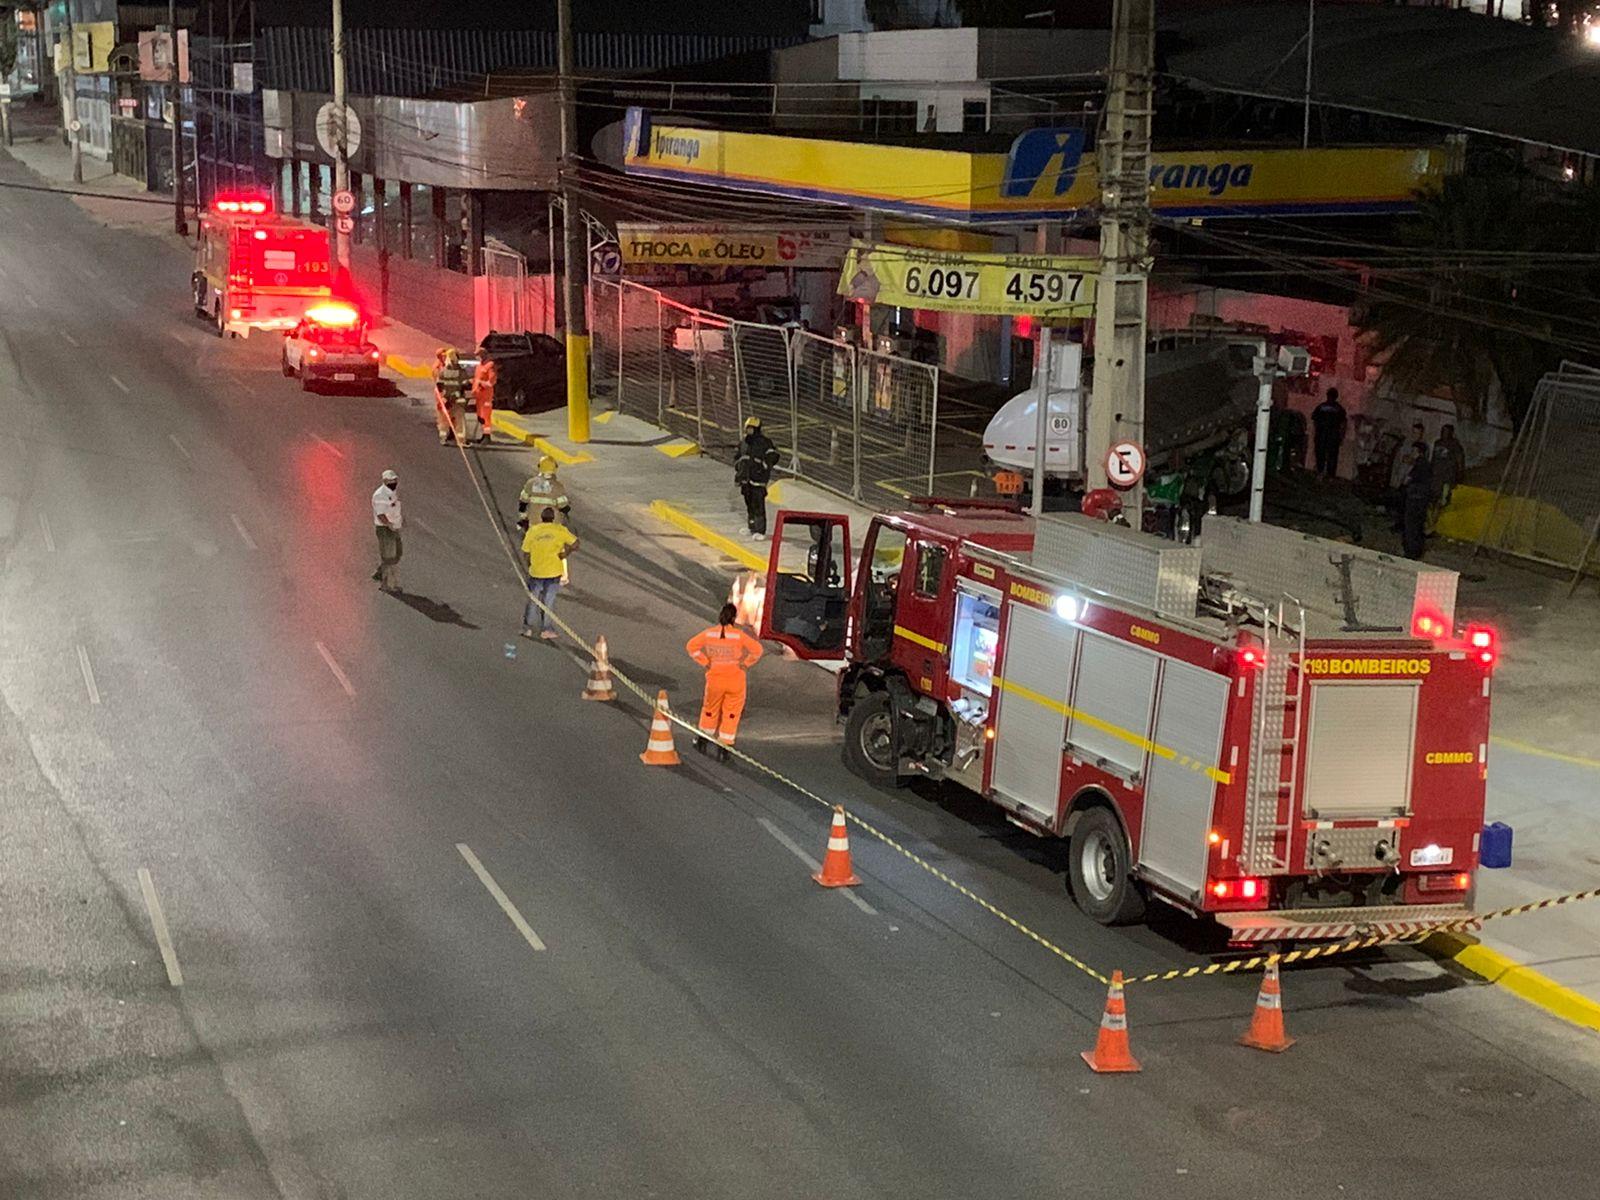 Vazamento de combustível em posto provoca interdição parcial da Cristiano Machado, em BH - Foto: Reprodução/Redes Sociais